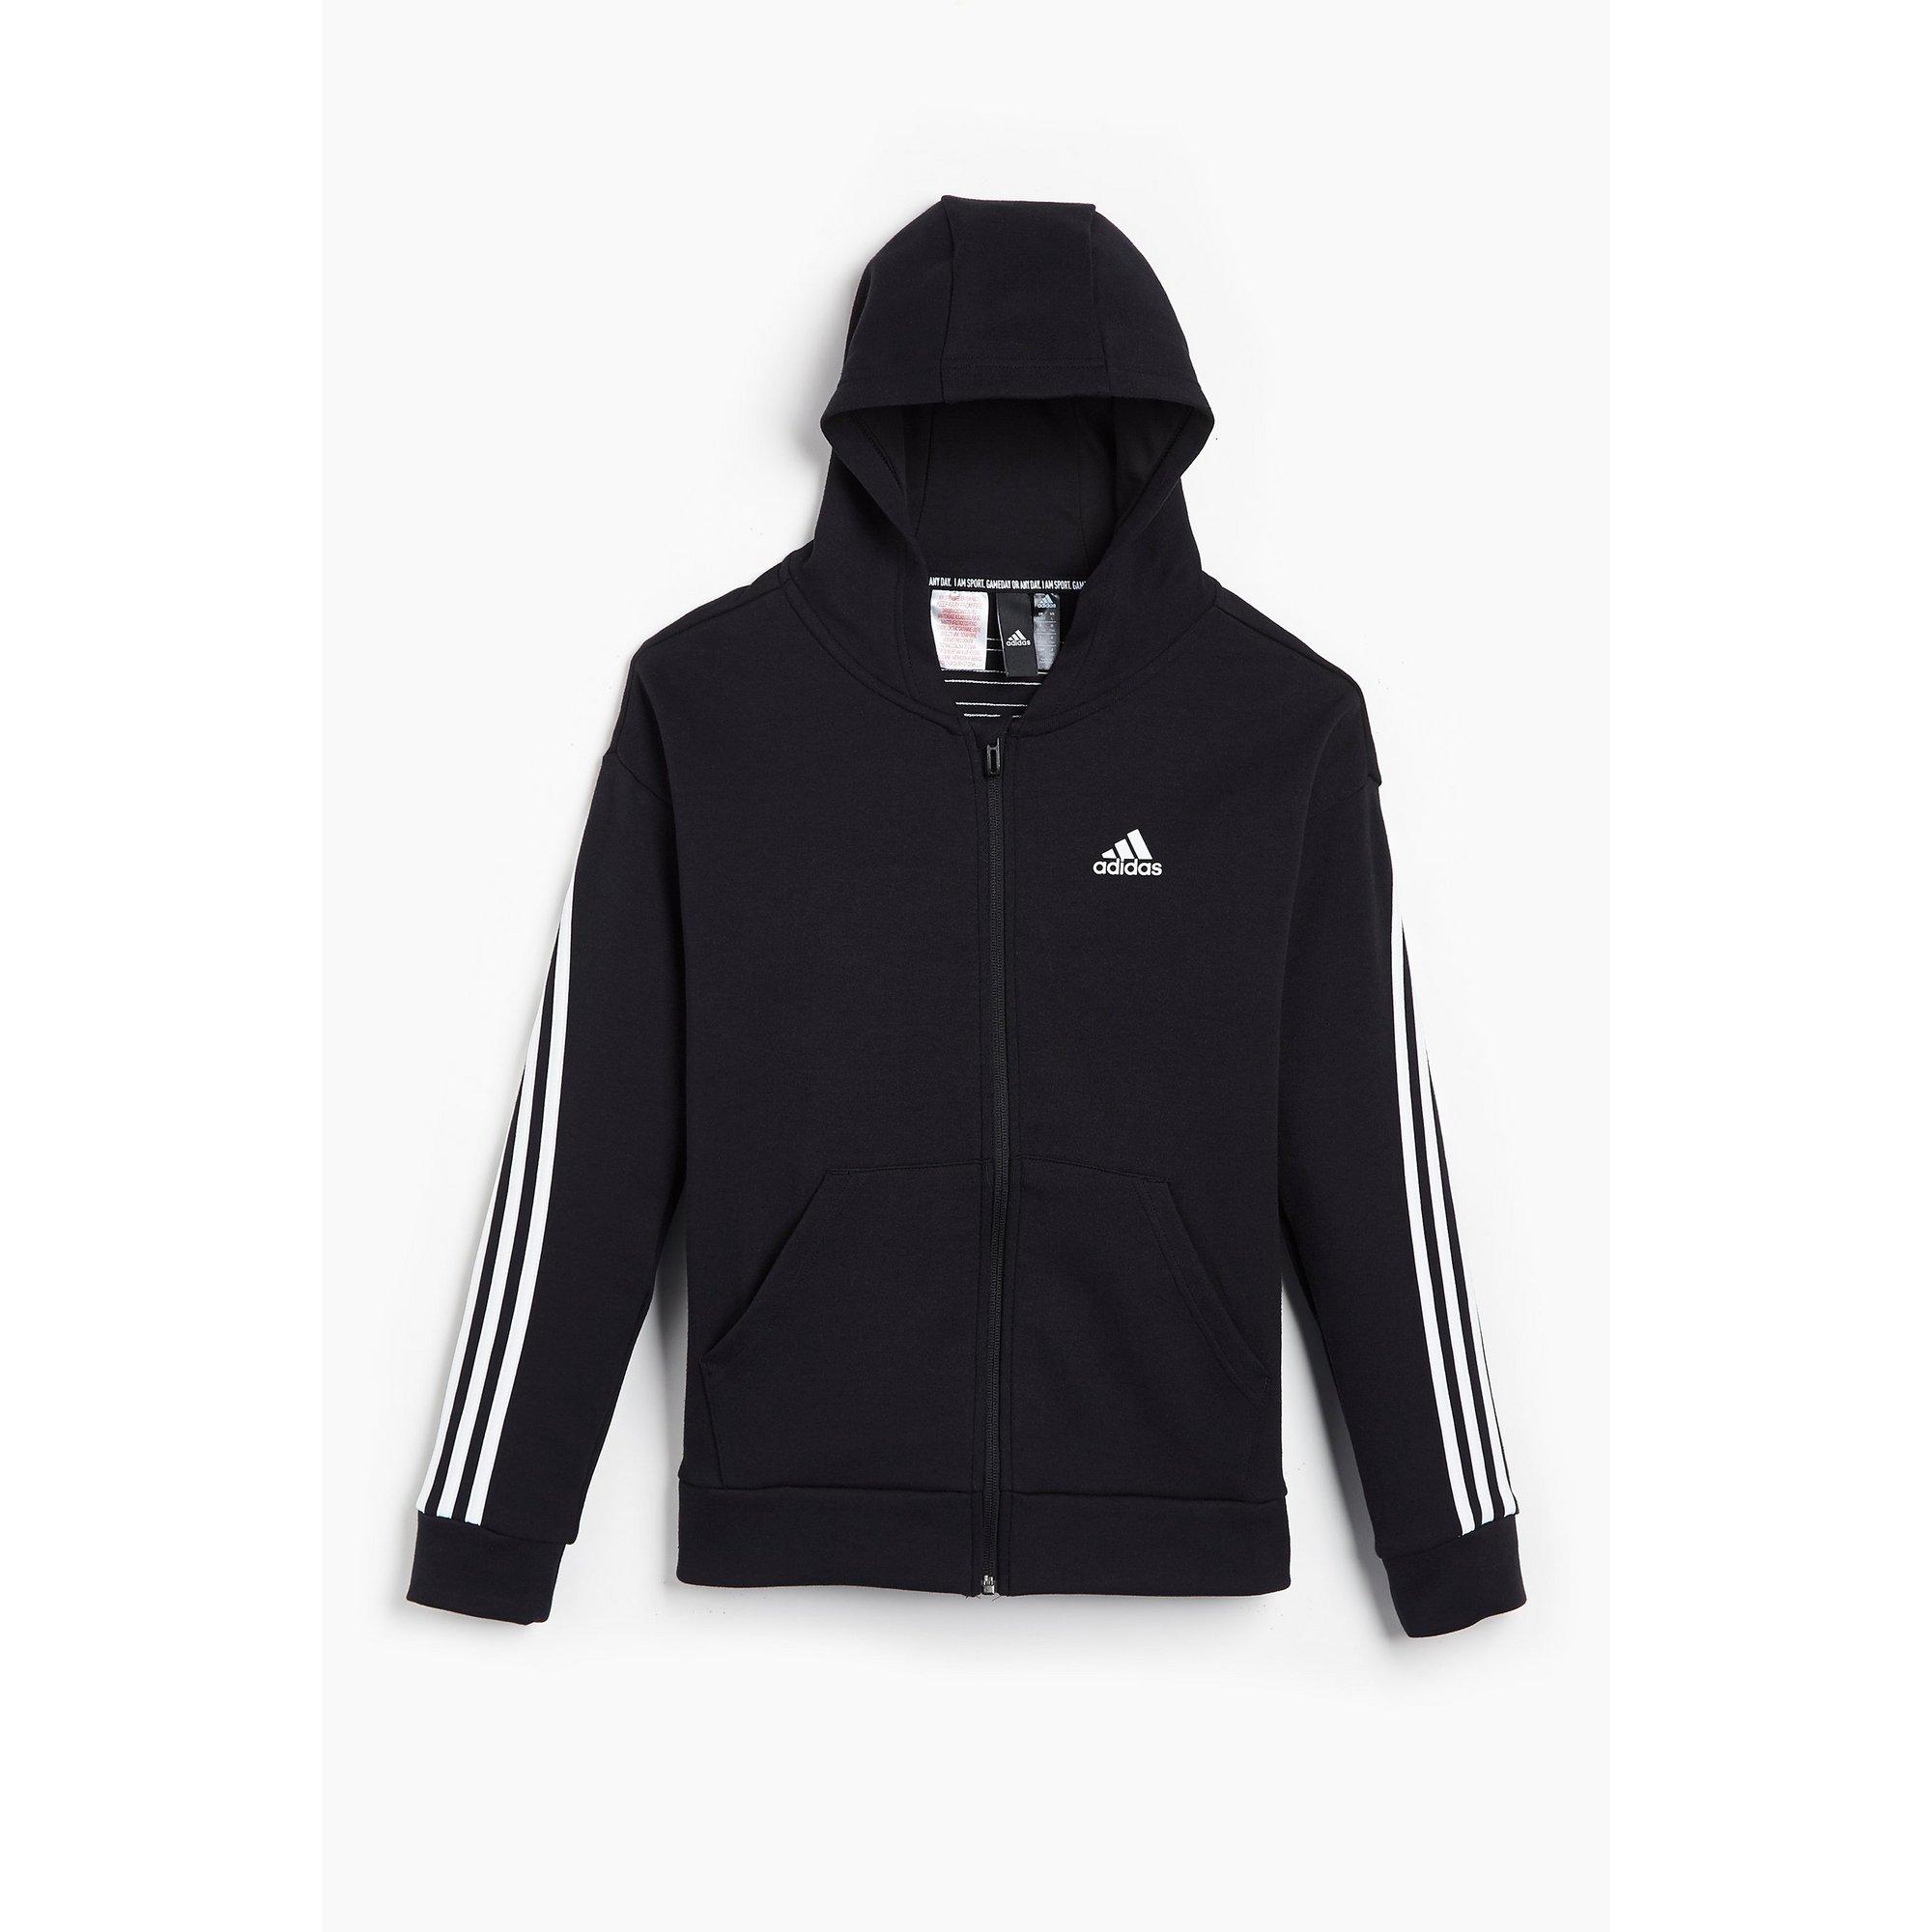 Image of Girls adidas 3-Stripes Black Zip Through Hoody